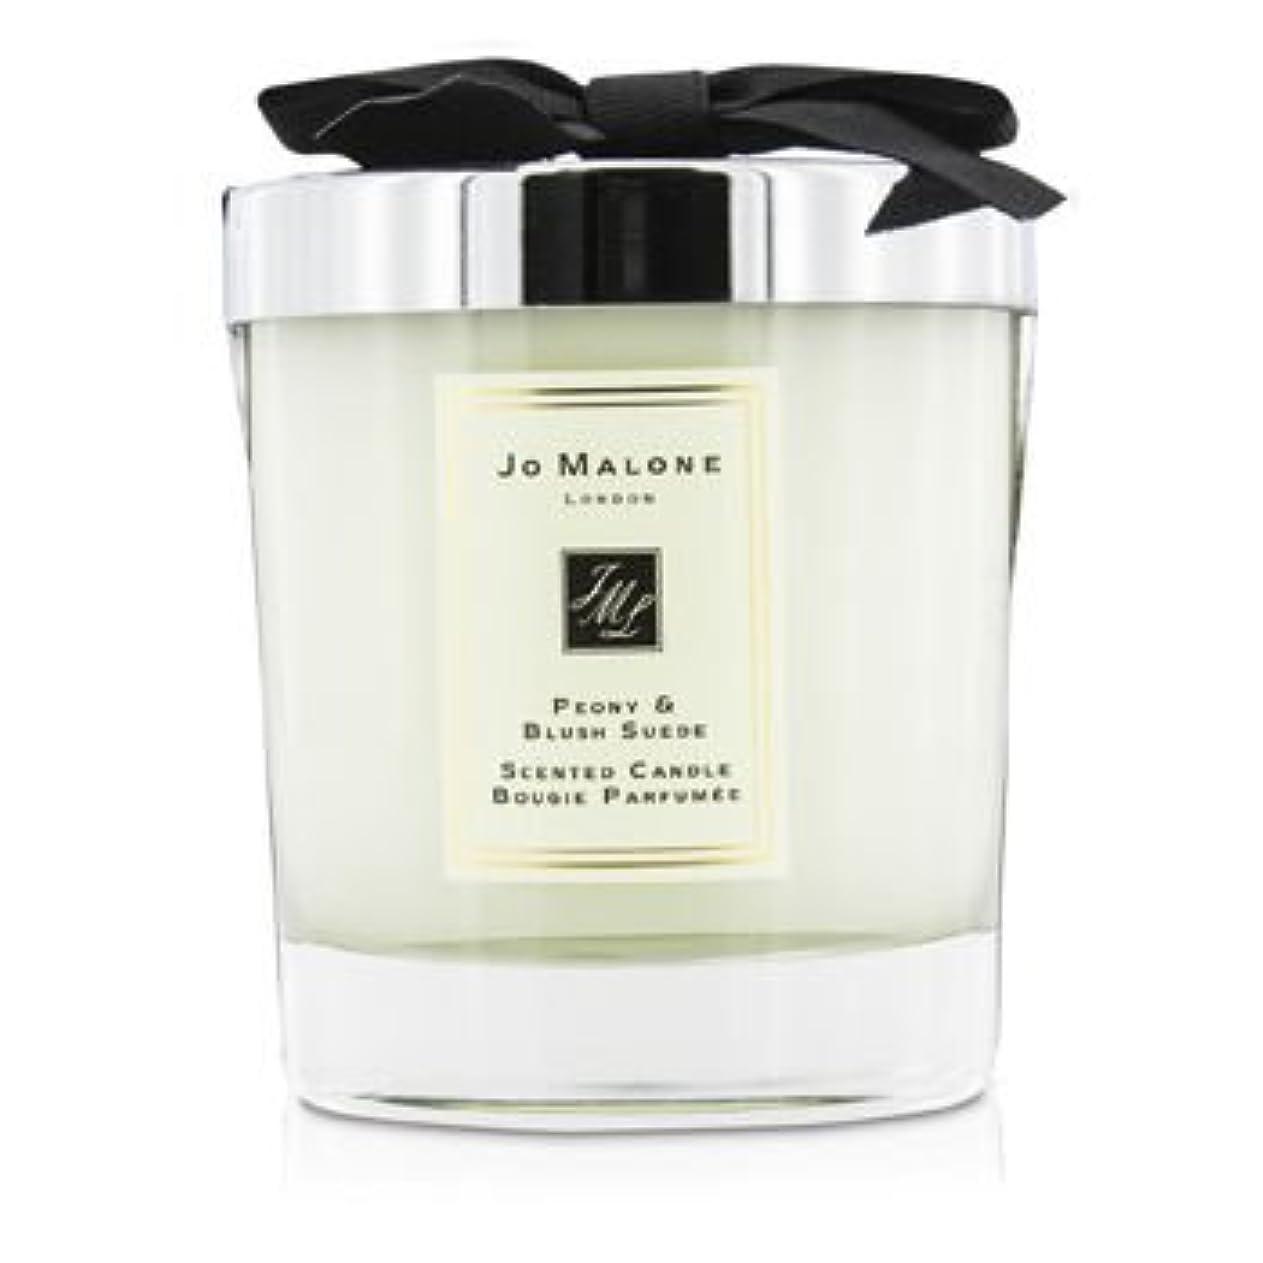 恐ろしいです項目ぞっとするような[Jo Malone(ジョーマローン)] ピオニー&ブラッシュスエード香りのキャンドル 200g (2.5 inch)